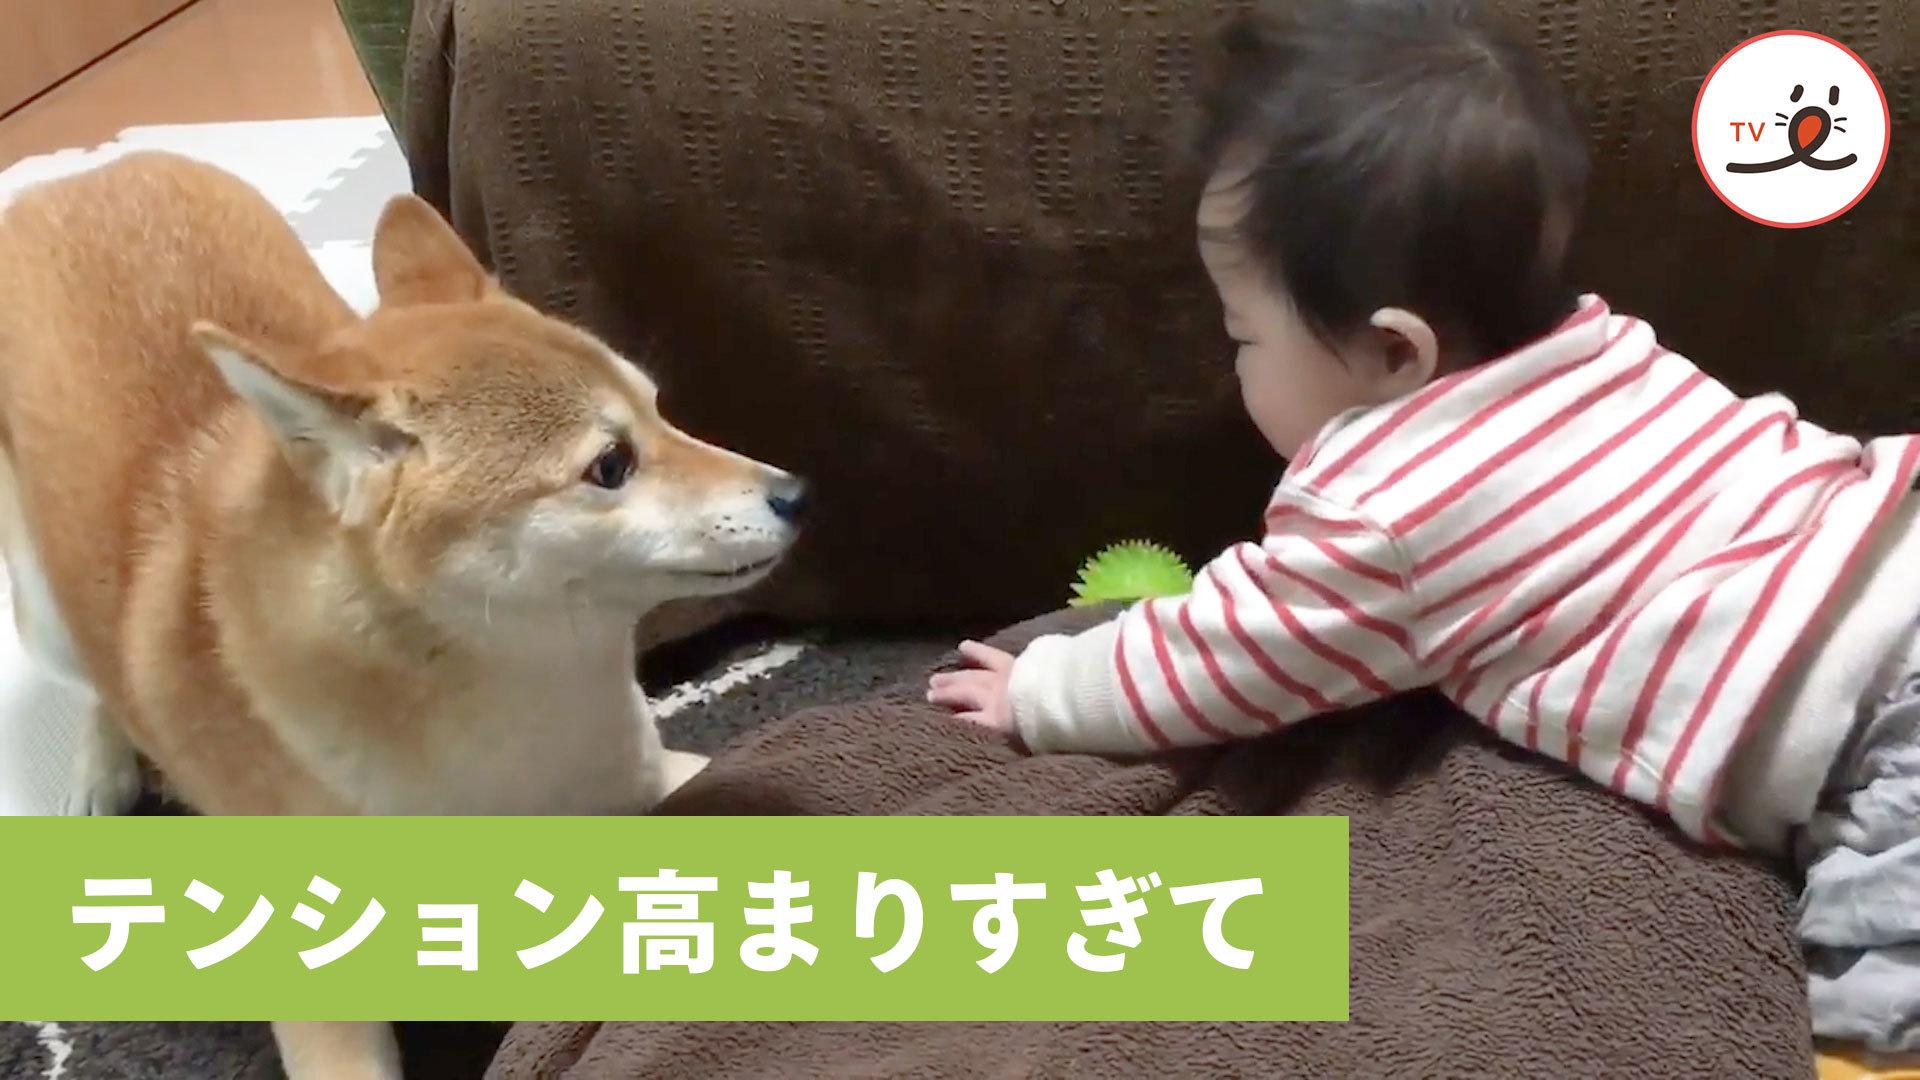 テンションMAX‼️でも赤ちゃんが遊んでくれなくて…😅 我に返った柴犬🐶